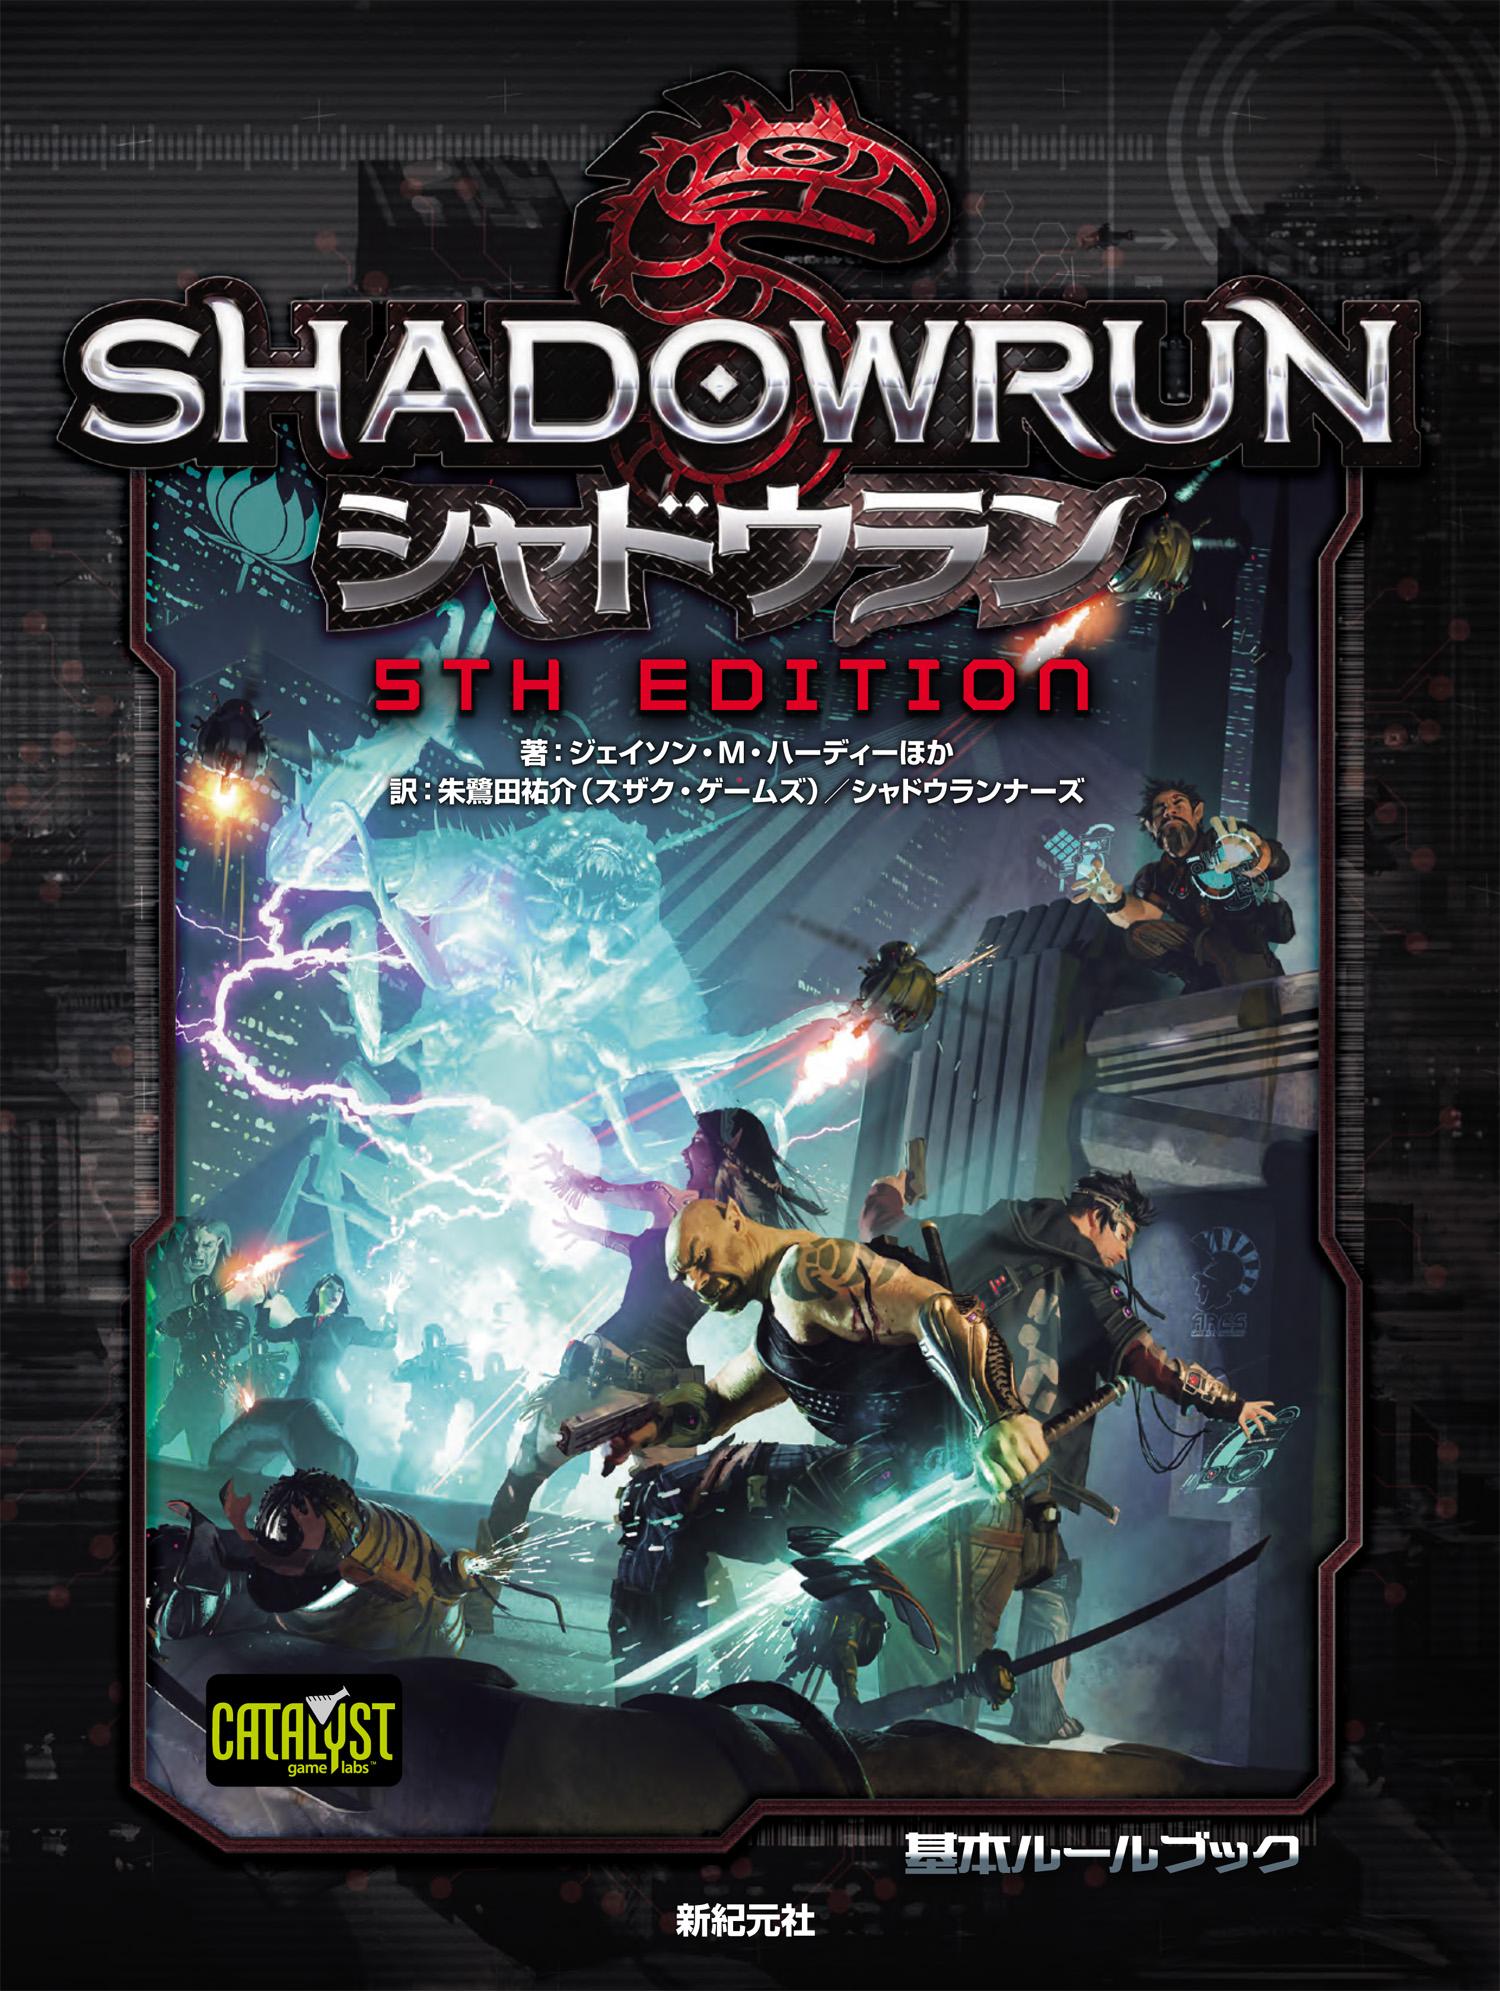 シャドウラン 5th Edition